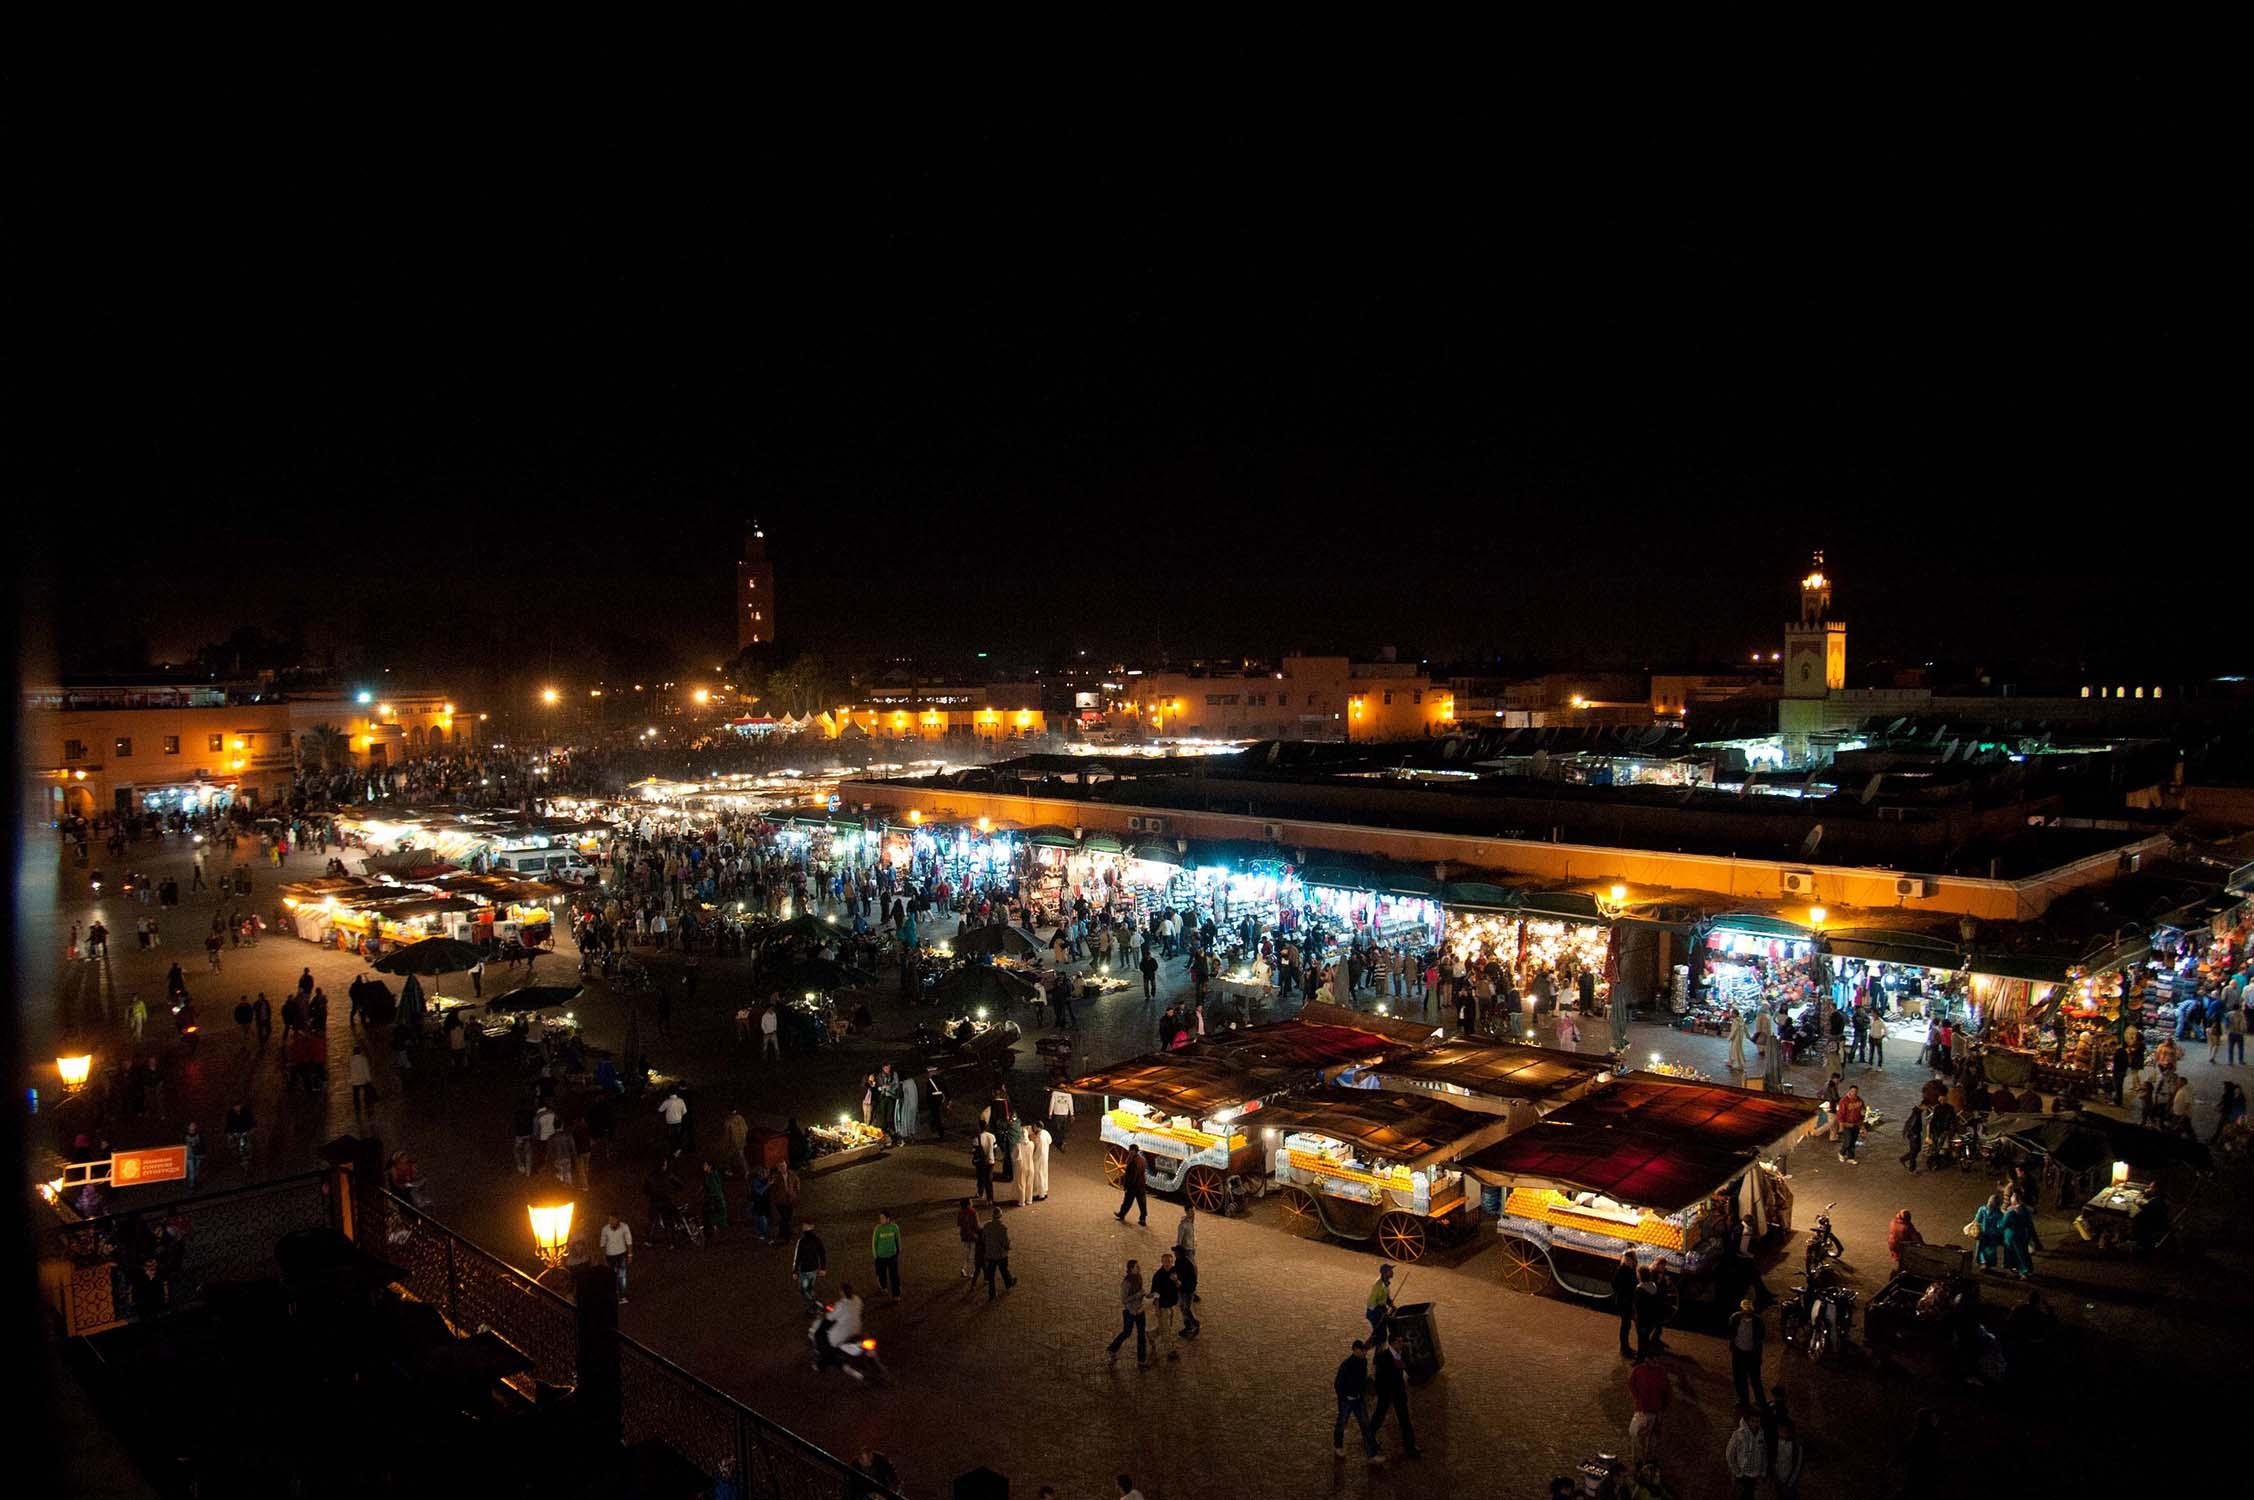 Marocco - Marrakech - Place Jemaa El Fna